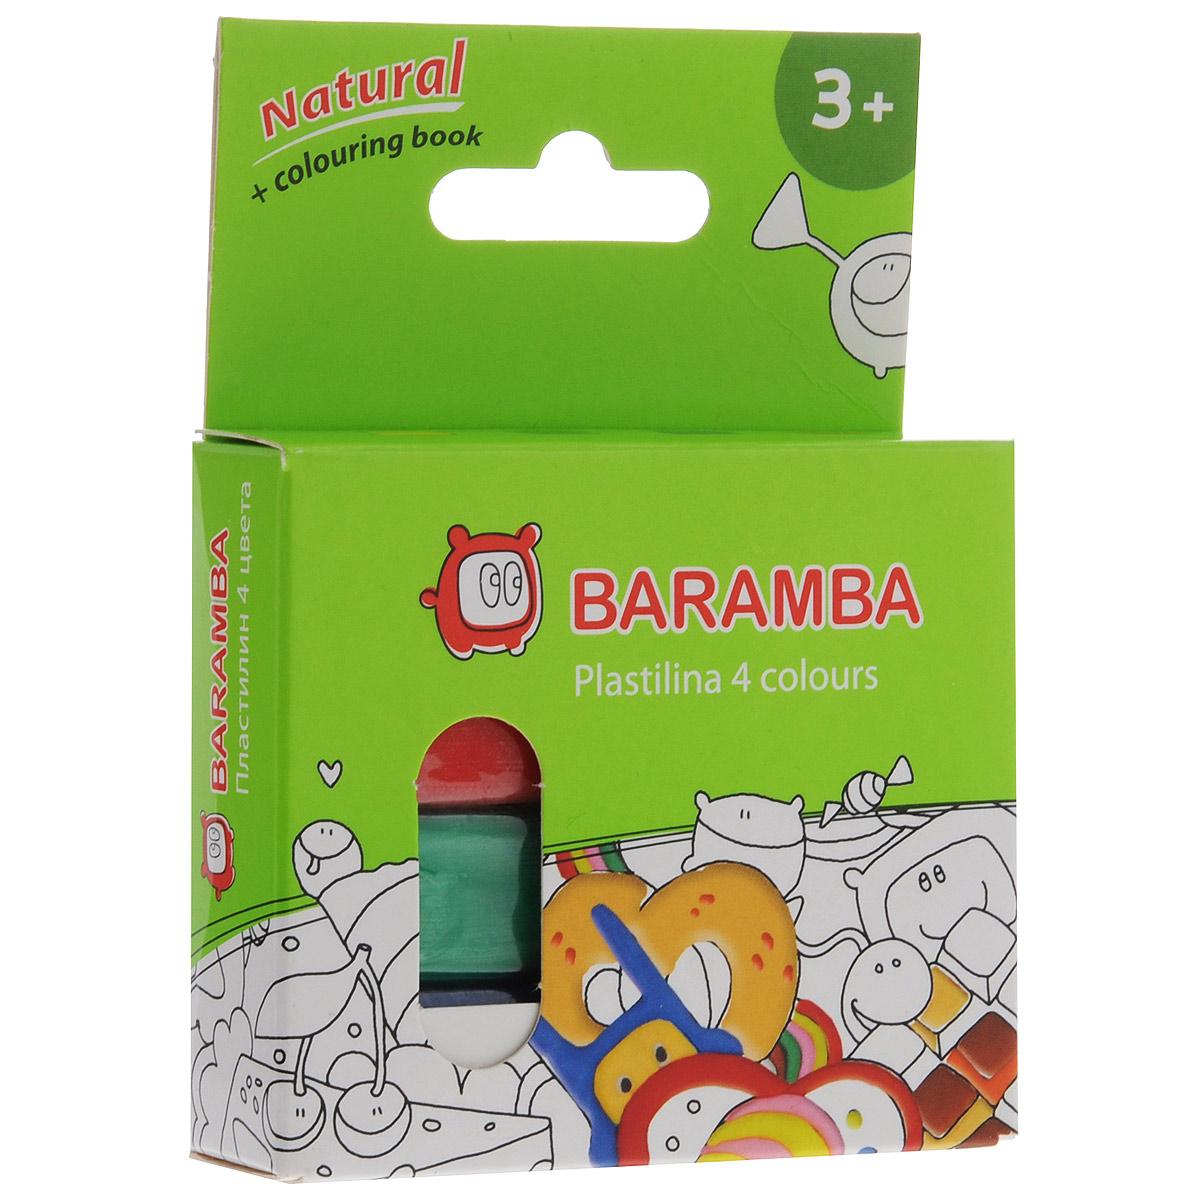 Пластилин Baramba, 4 цветов, с раскраской32717Пластилин Baramba с раскраской - это отличная возможность познакомить ребенка с еще одним из видов изобразительного творчества, в котором создаются объемные образы и целые композиции. В набор входит пластилин 4 ярких цветов (желтый, зеленый, синий, красный). Цвета пластилина легко смешиваются между собой, и таким образом можно получить новые оттенки. Пластилин на растительной основе, очень мягкий, содержит натуральные масла и воск, легко смешивается друг с другом и не липнет к рукам.Техника лепки богата и разнообразна, но при этом доступна даже маленьким детям. В комплект также входит раскраска с изображением, которое малыш сможет раскрасить с помощью пластилина. Занятие лепкой не только увлекательно, но и полезно для ребенка. Оно способствует развитию творческого и пространственного мышления, восприятия формы, фактуры, цвета и веса, развивает воображение и мелкую моторику.